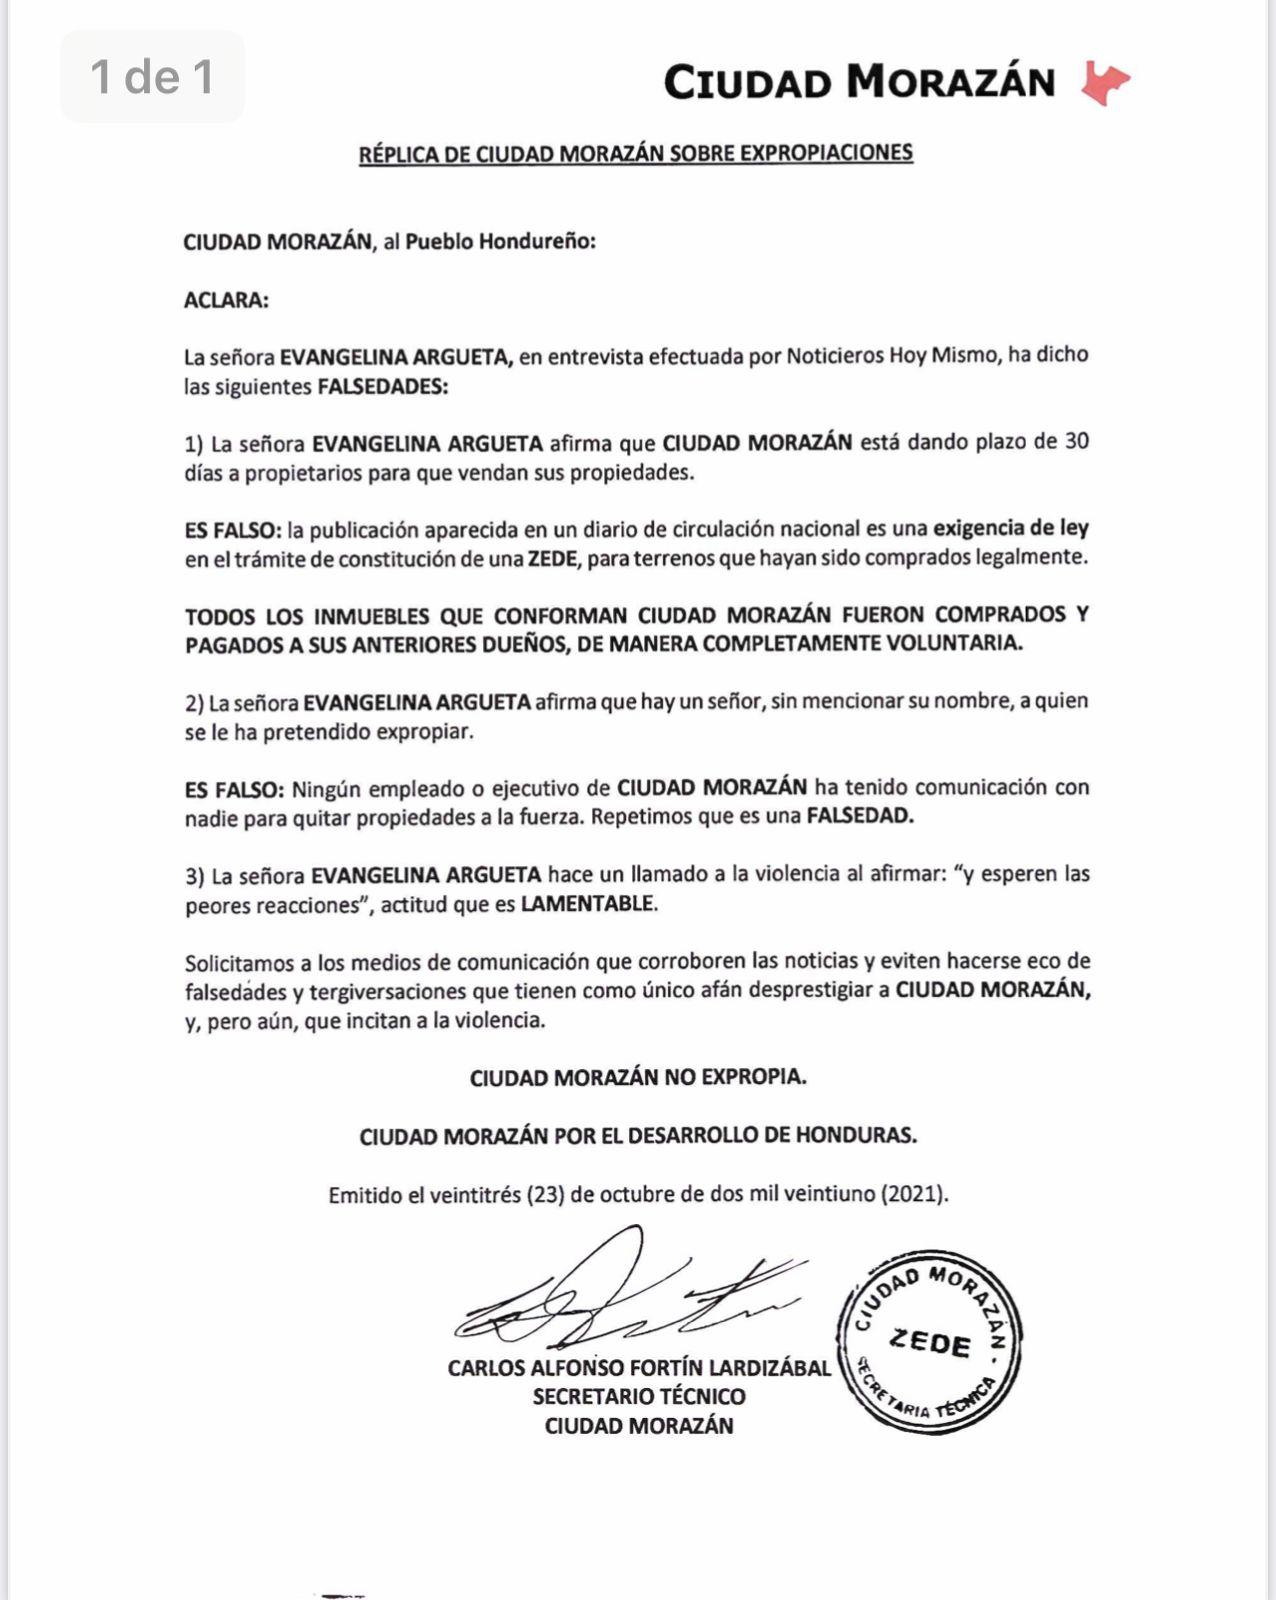 Acusación del secretario técnico de las Zedes «Ciudad Morazàn» a Evangelina Argueta por defender las Zedes